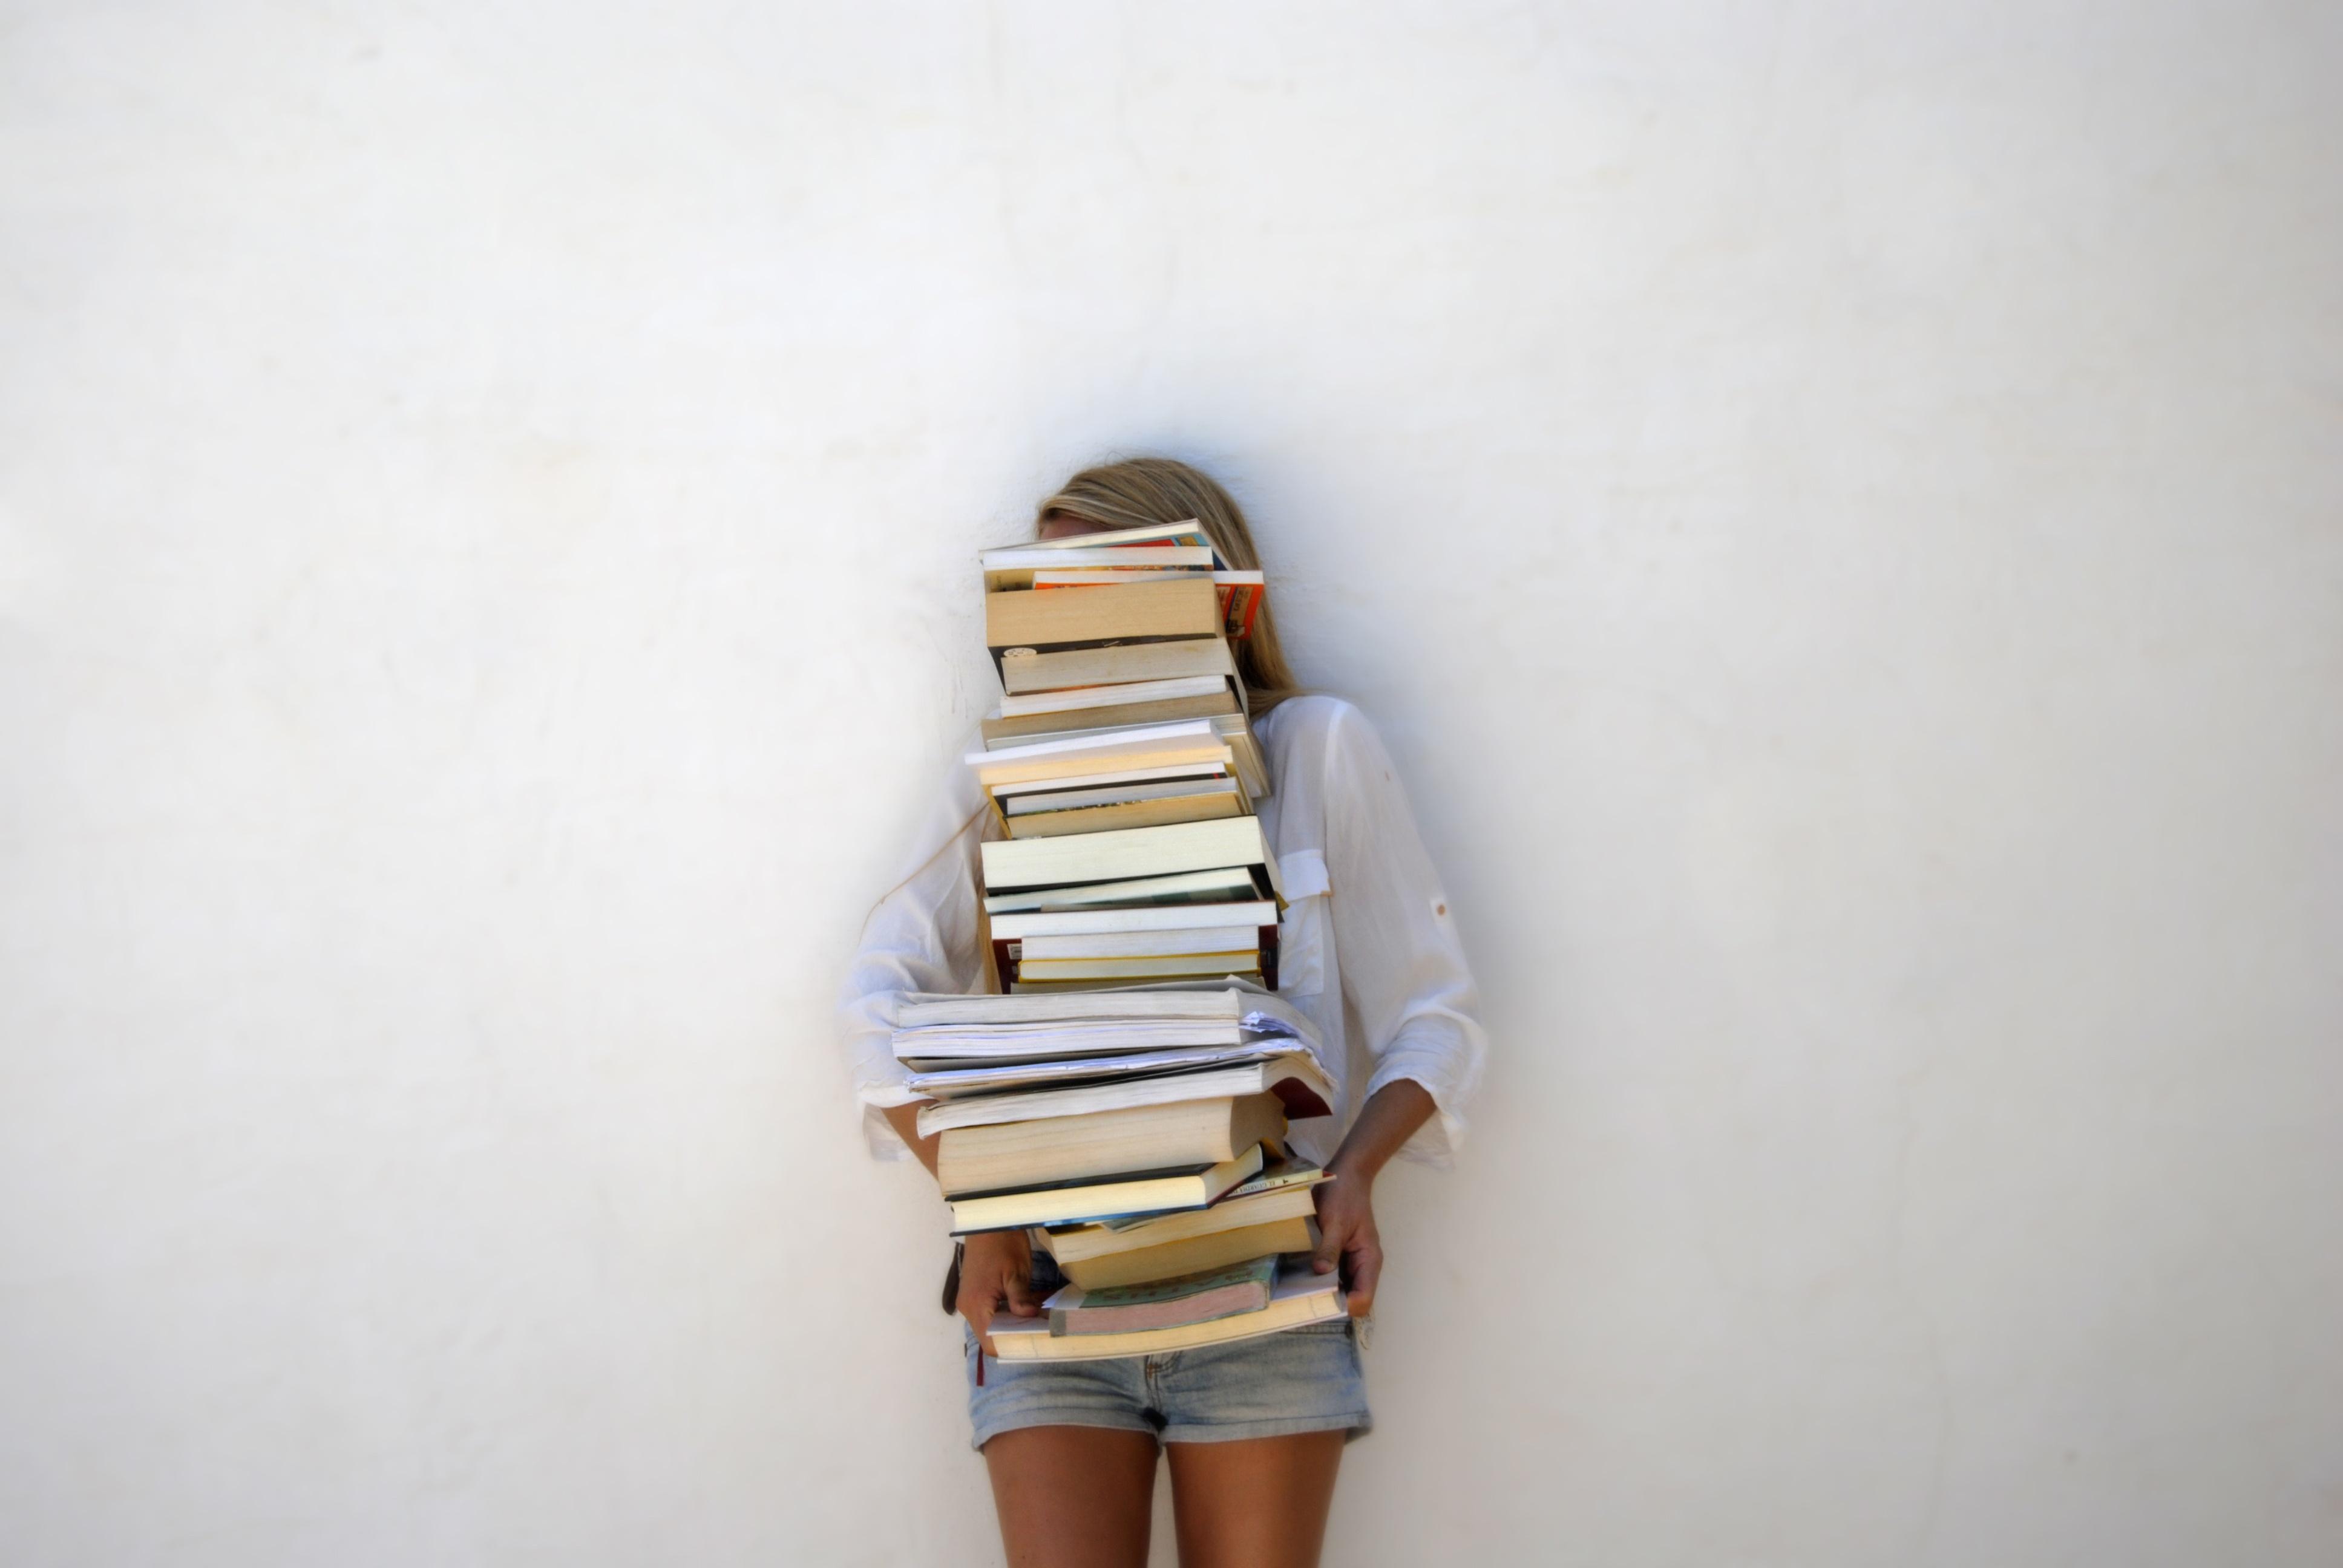 self-help-books-1